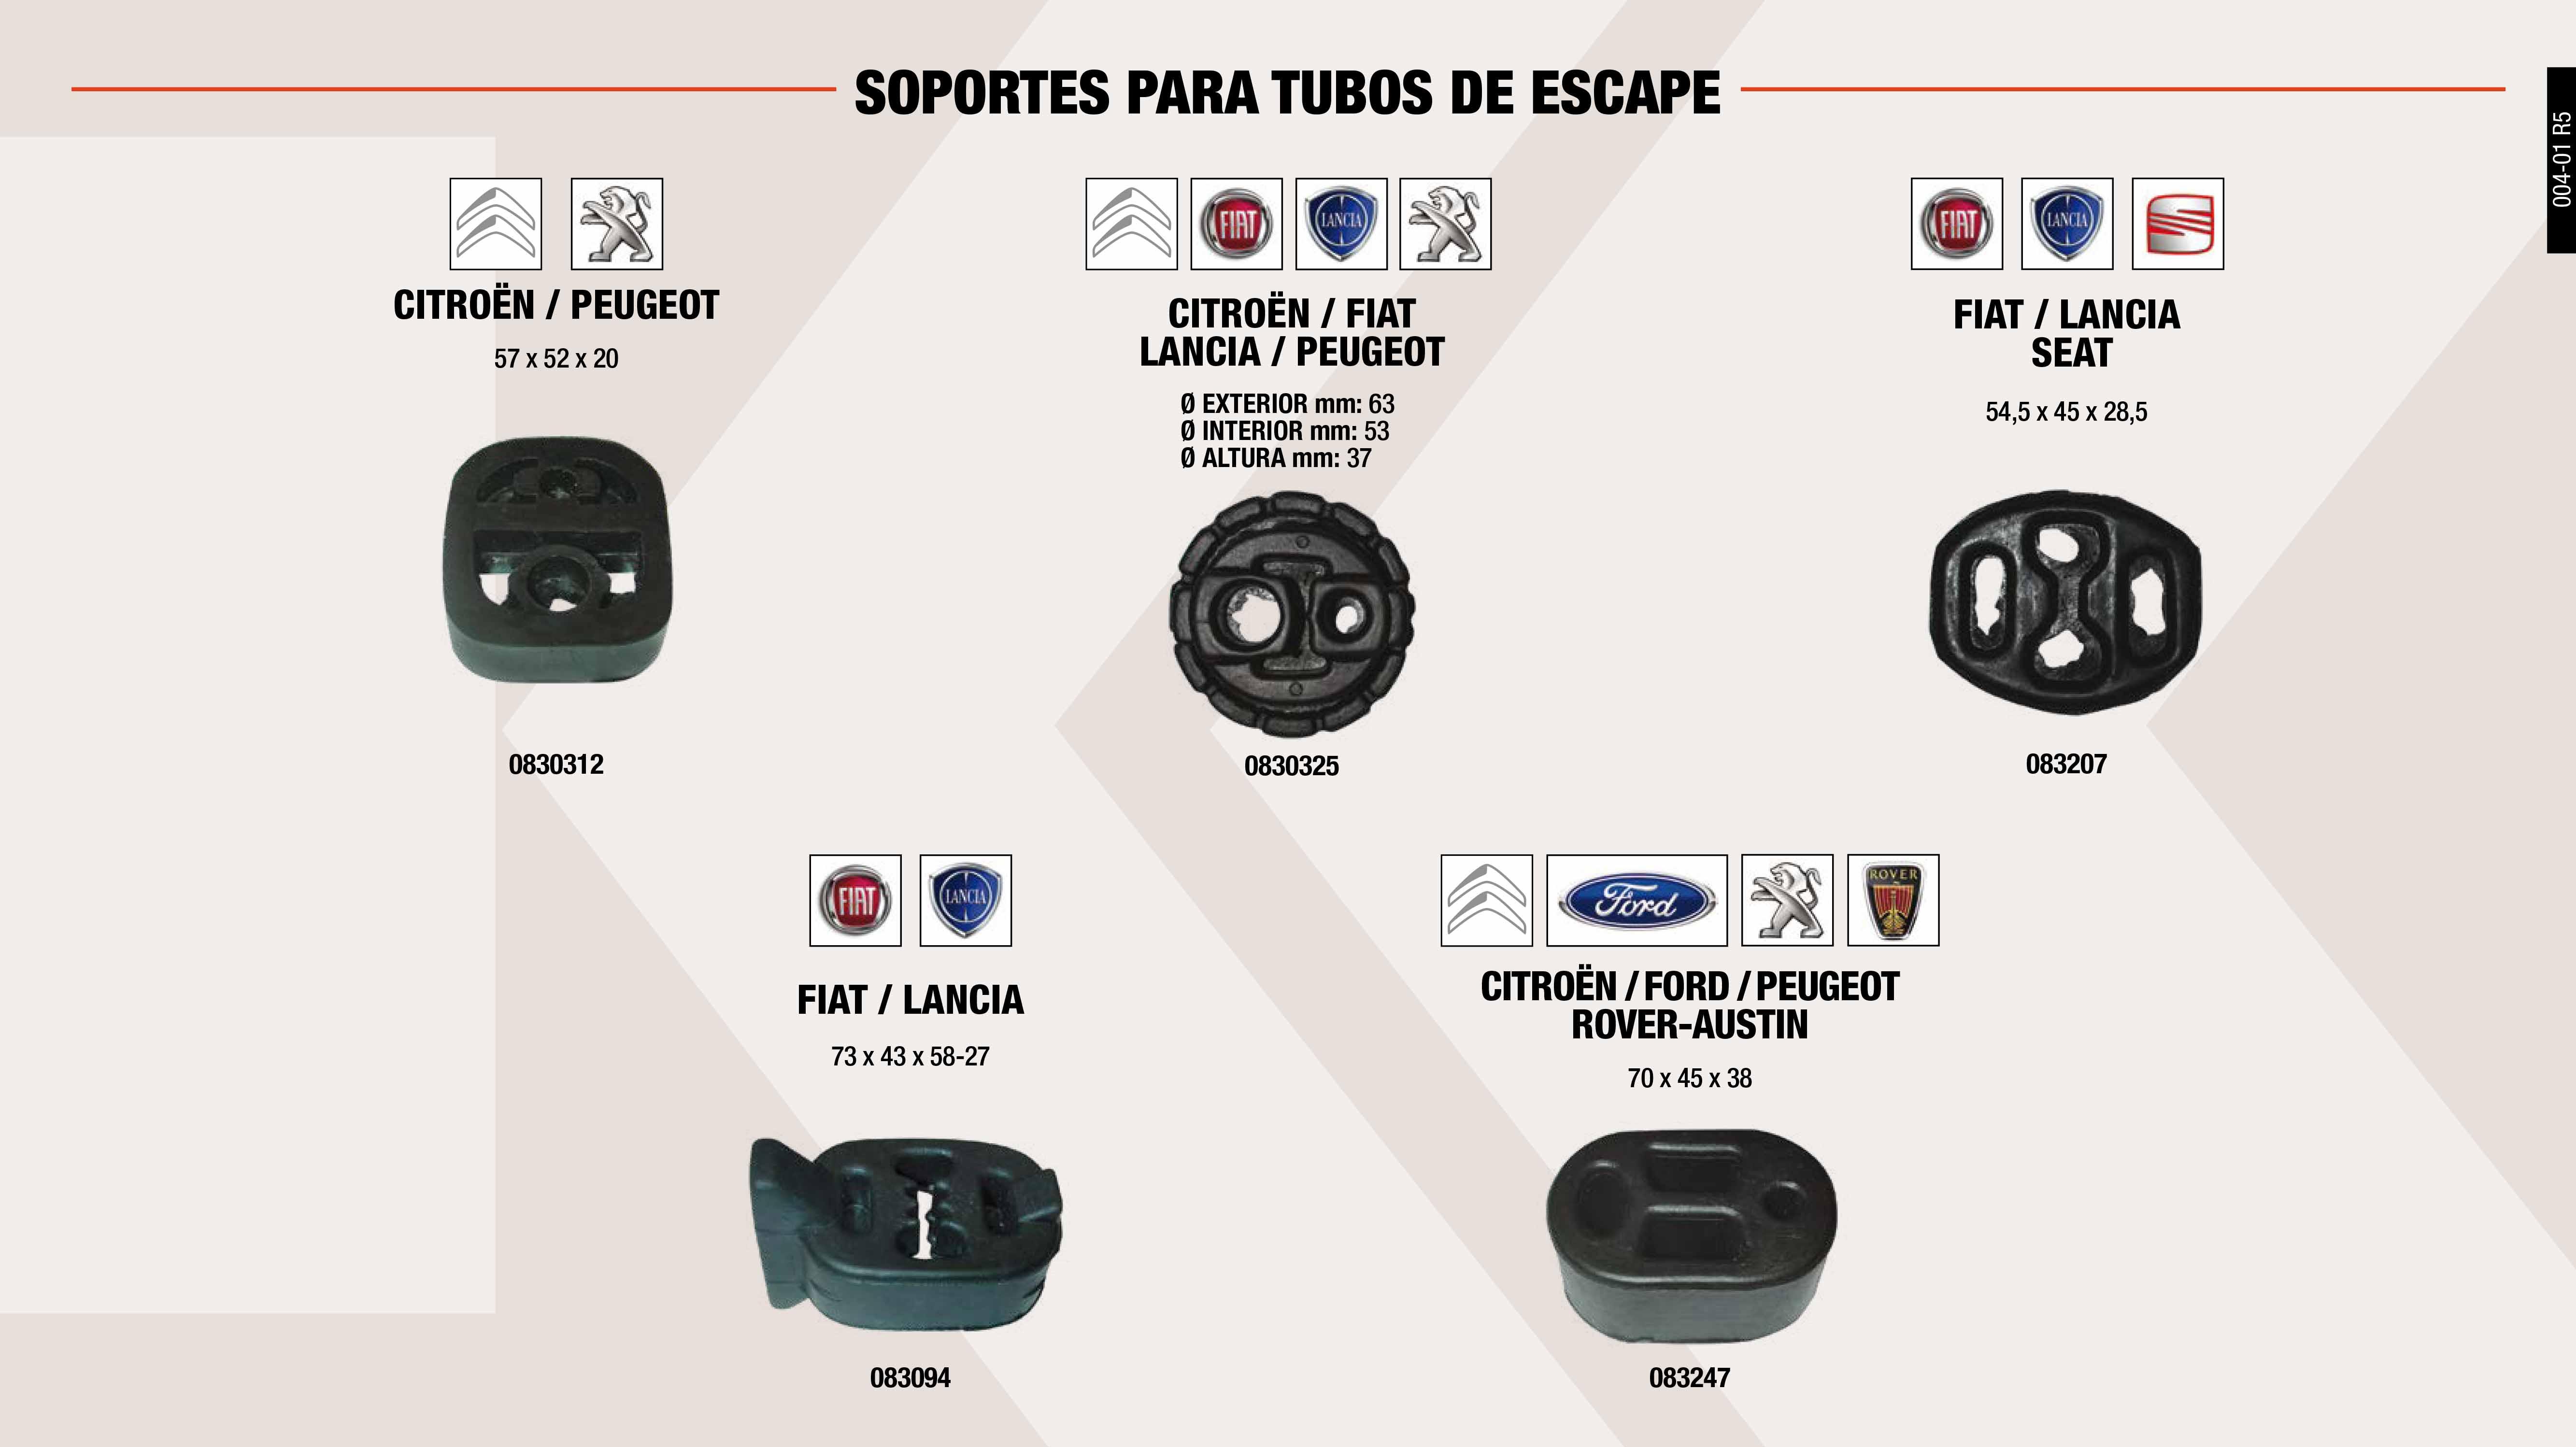 SOP.T.ESCAPE FORD FIESTA-ESCORT                             ,  SOP.T.ESCAPE FIAT TEMPRA                                    ,  SOP.T.ESCAPE SEAT                                           ,  SOP.T.ESCAPE PSA 57X52X20 MM                                ,  SOP.T.ESCAPE G.PSA-G FIAT 53X63X37 MM                       ,  SOP.T.ESCAPE FIAT                                           ,  SOP.T.ESCAPE SEAT 127                                       ,  SOP.T.ESCAPE SEAT PANDA-131 DIESEL                          ,  SOP.T.ESCAPE PSA-TALBOT 62X46X25 MM                         ,